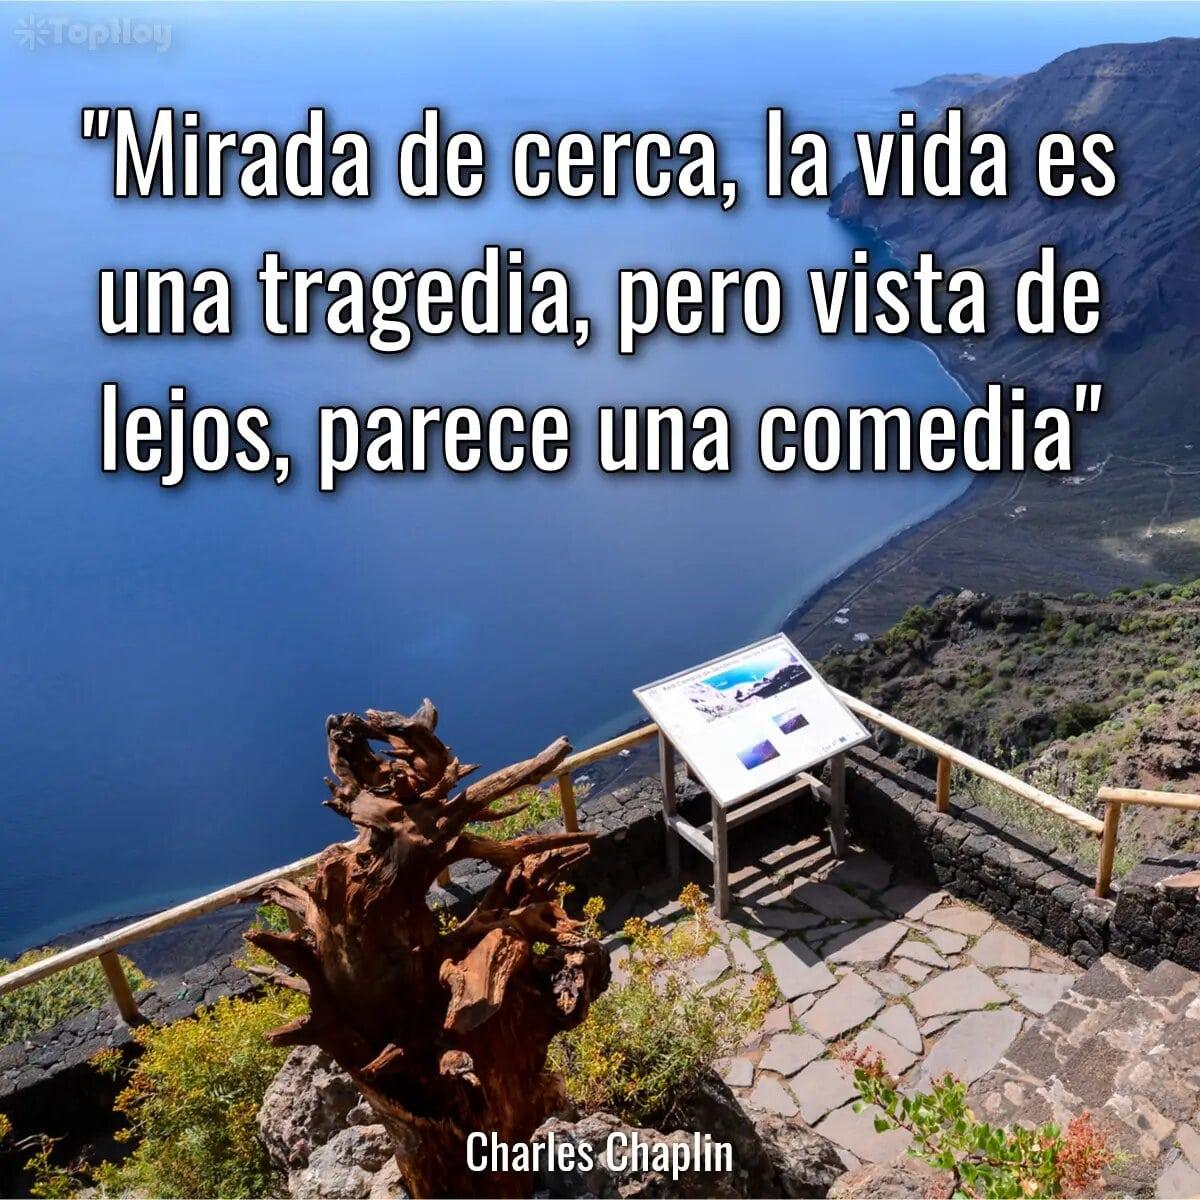 Mirada de cerca, la vida es una tragedia, pero vista de lejos, parece una comedia.